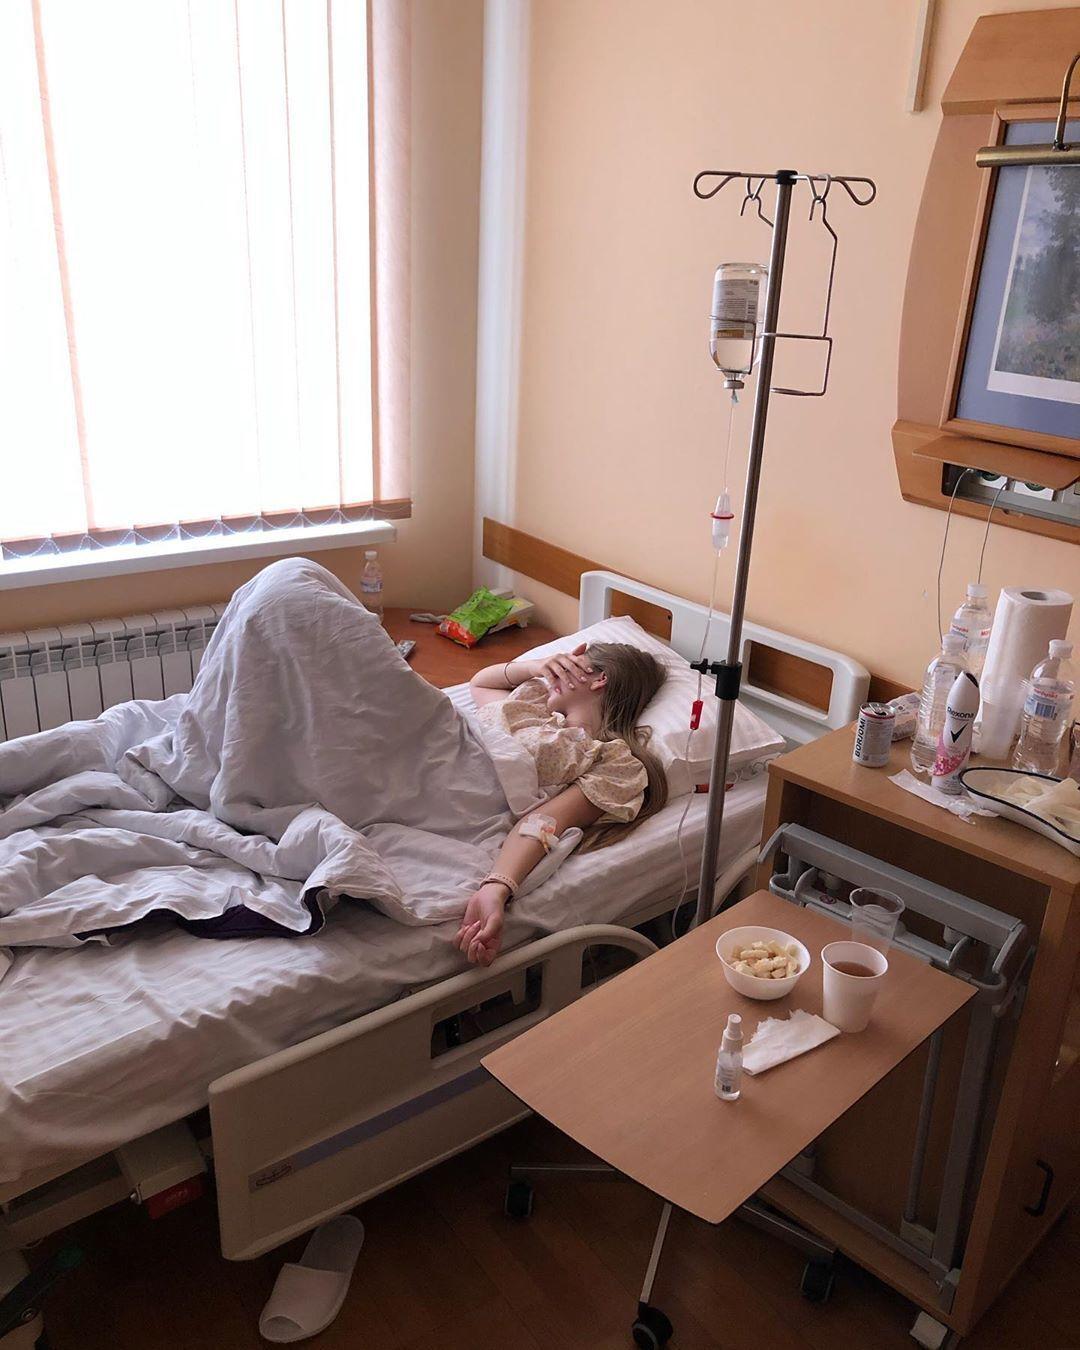 Названа донька Джеджули потрапила в лікарню з отруєнням